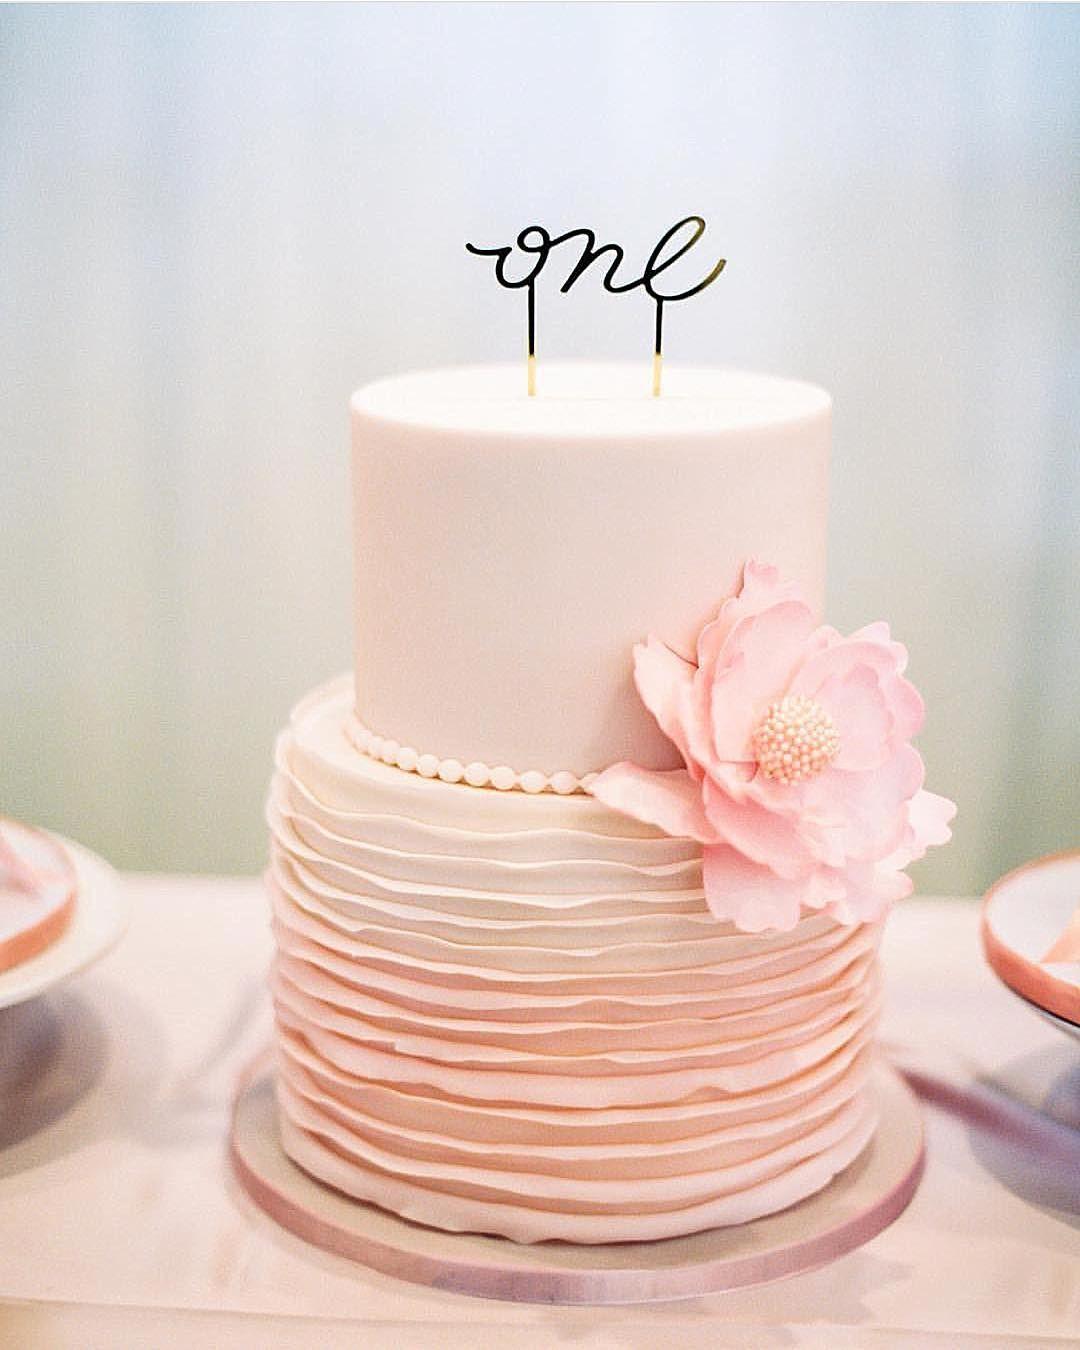 Фото: @sweetnsaucyshop | Свадебные торты, Украшение тортов ...